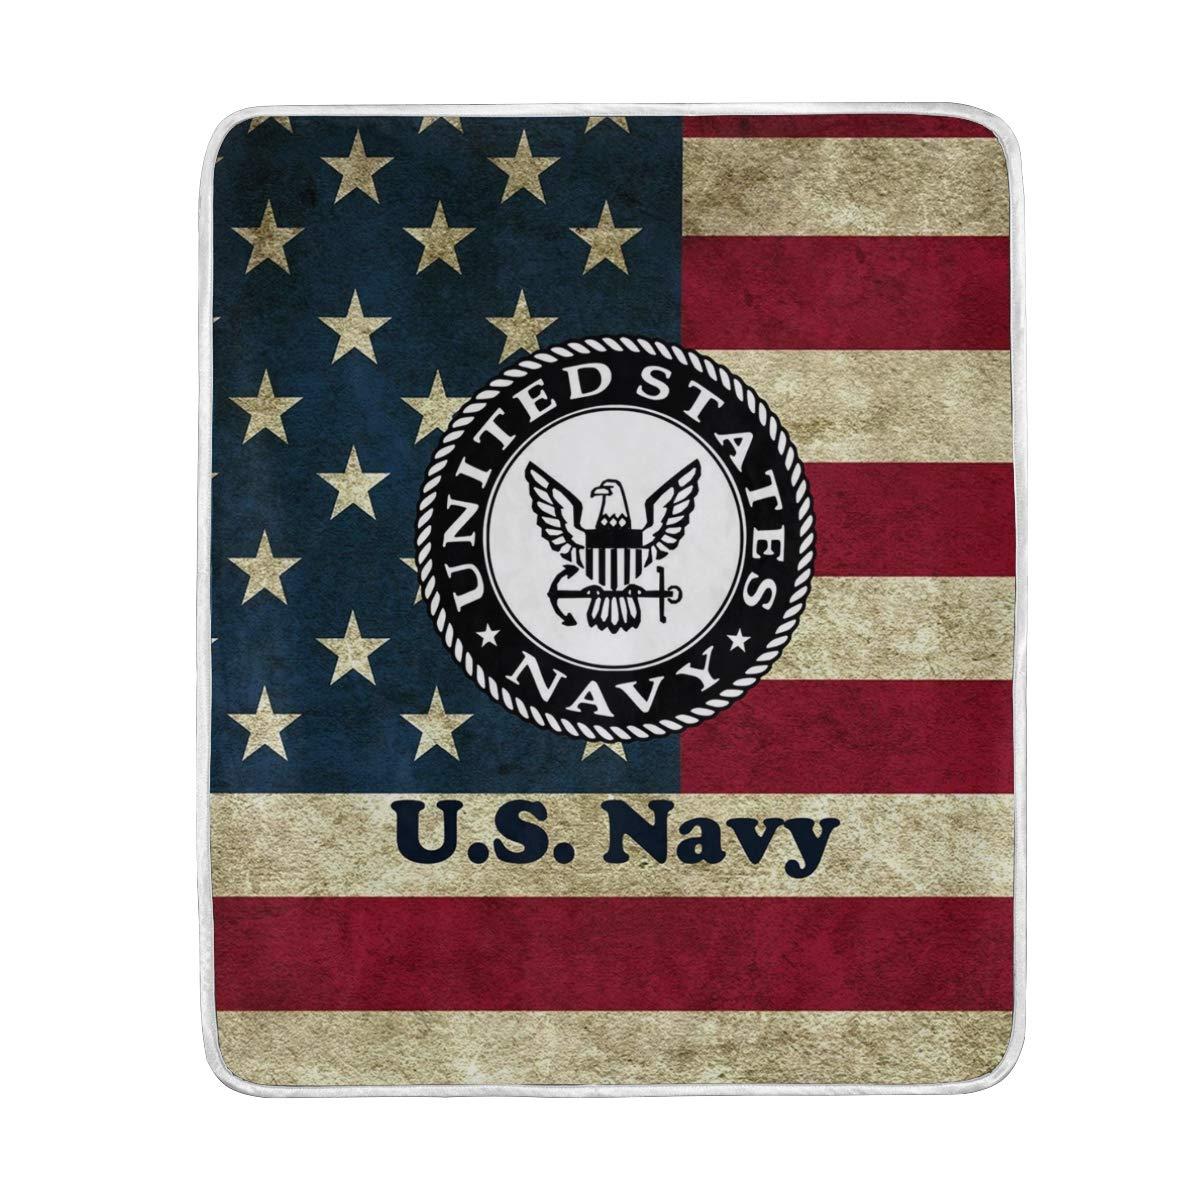 poeticcity ブランケット 1枚 米国海軍 フラシ天 シエスタキャンプ 50インチX60インチ 旅行用フリースブランケット 軽量 ソフトベッド 安全 ソファ カーペット 50